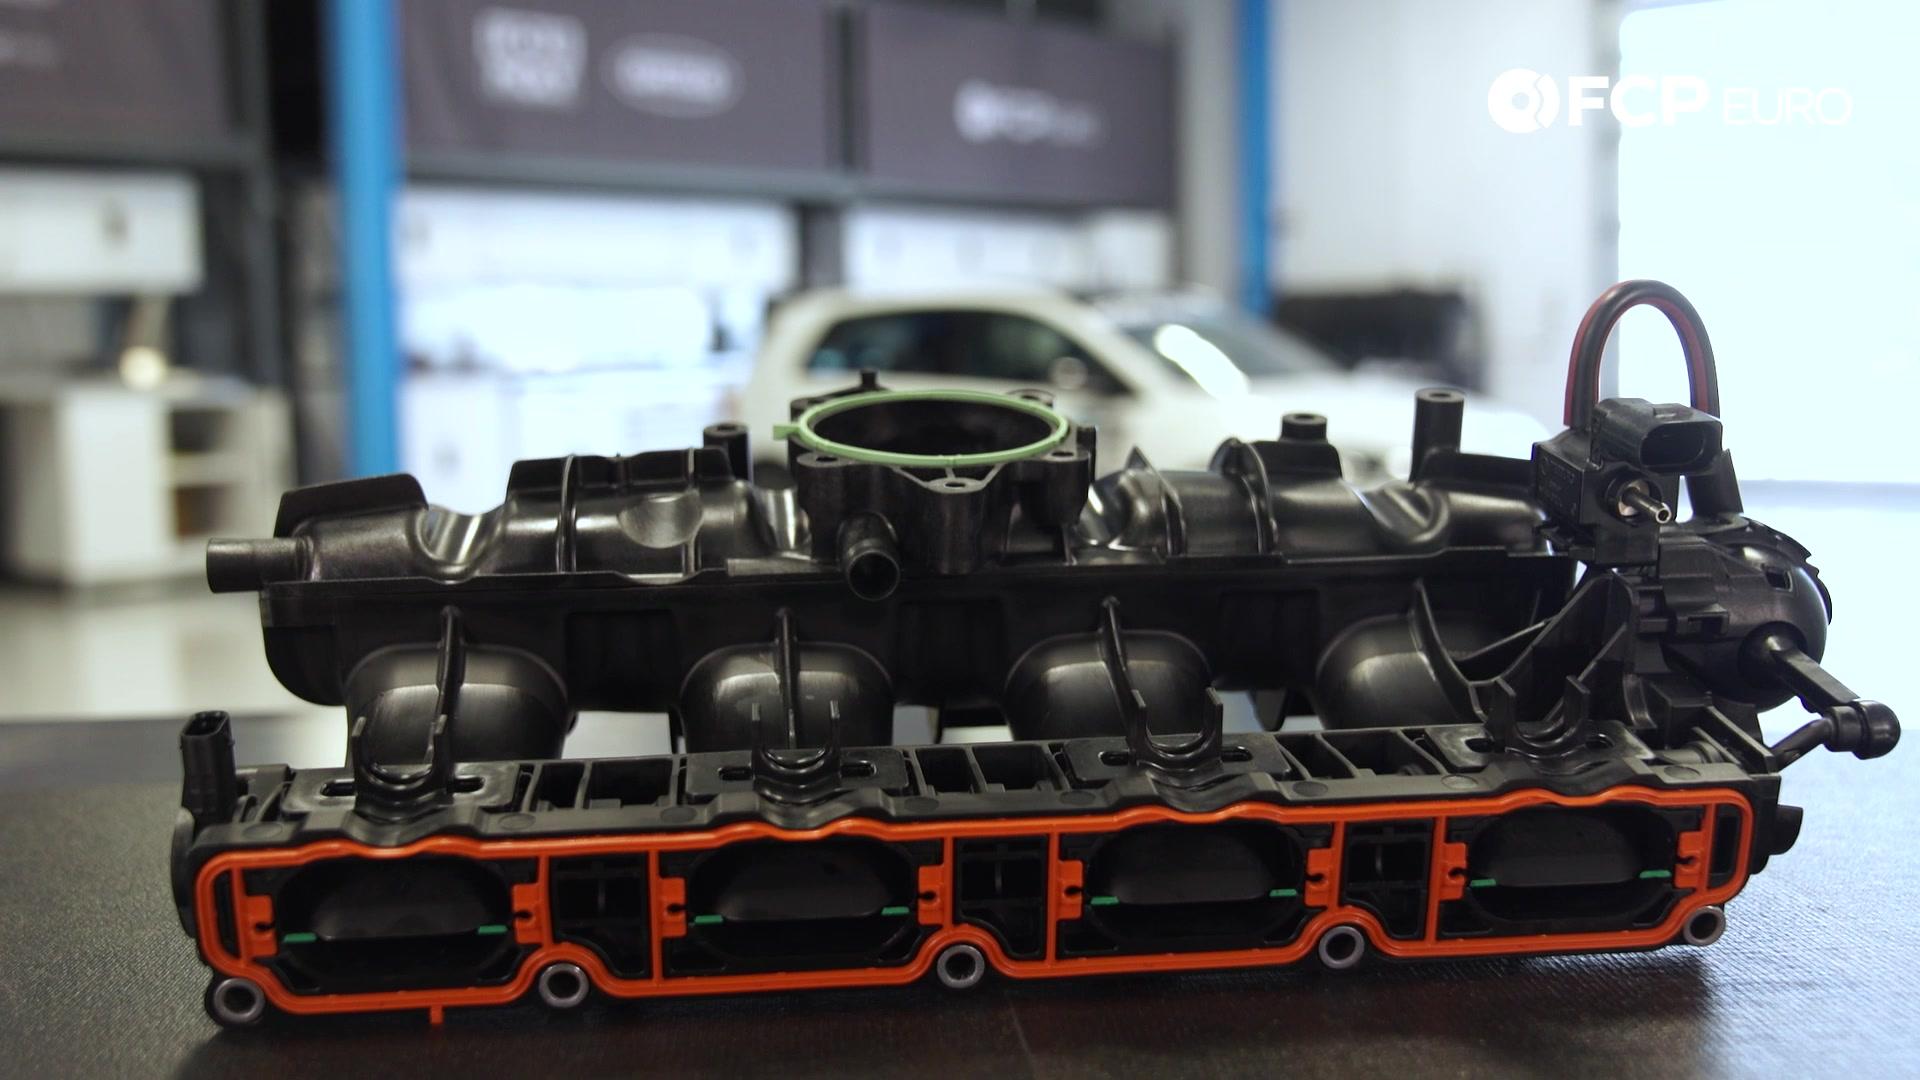 vw-mk6-intake-manifold-closeup